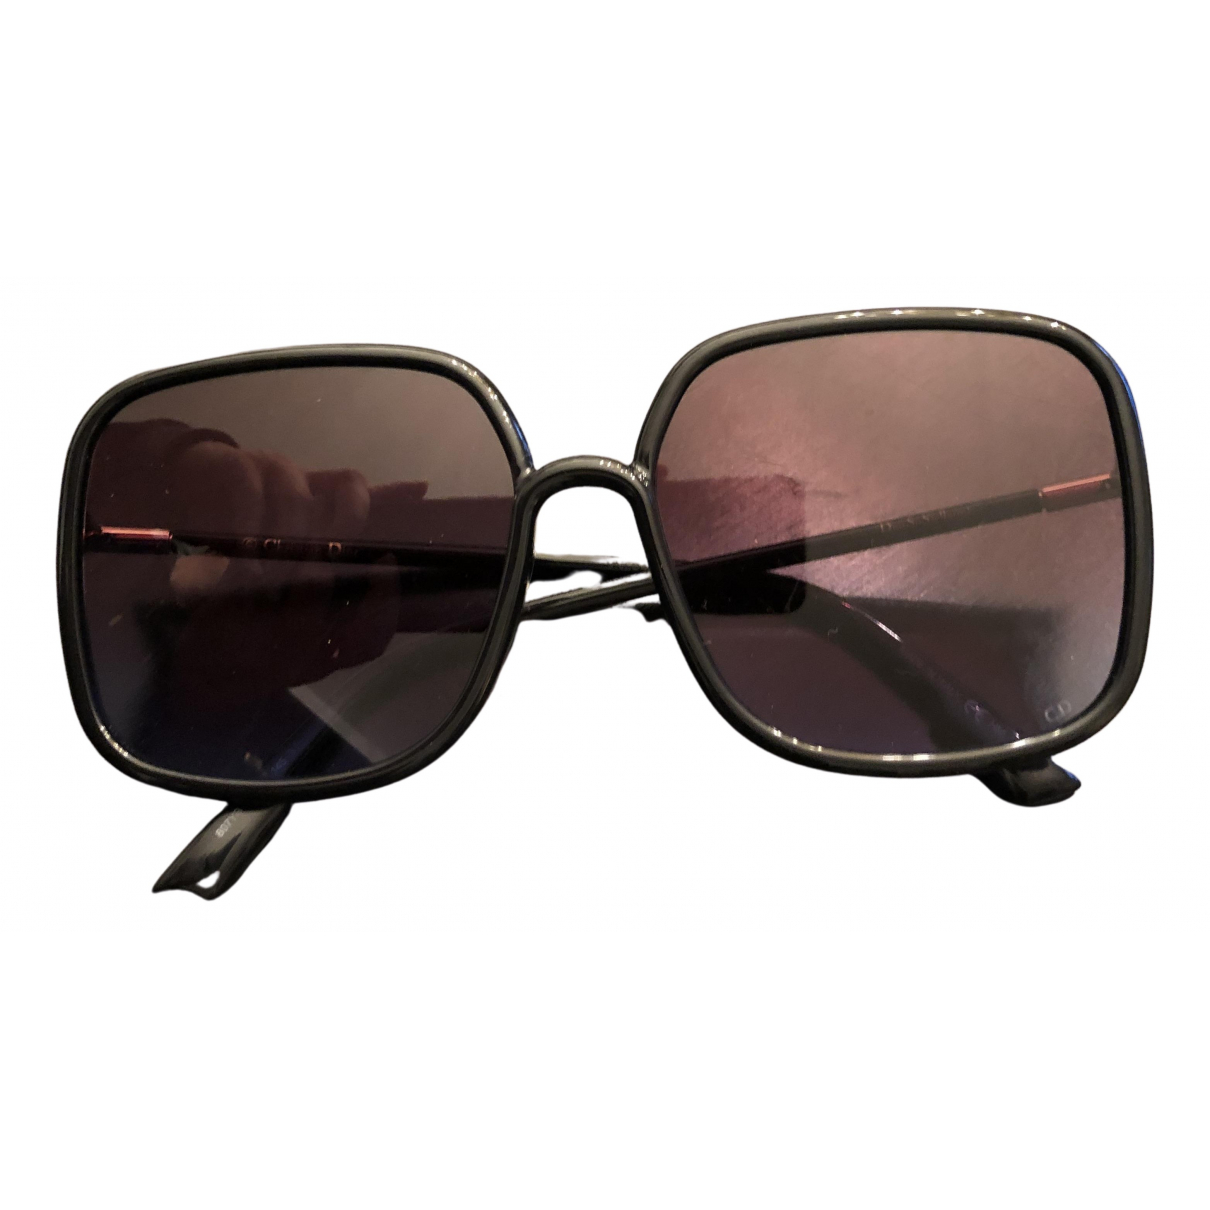 Dior - Lunettes SoStellaire1 pour femme - noir